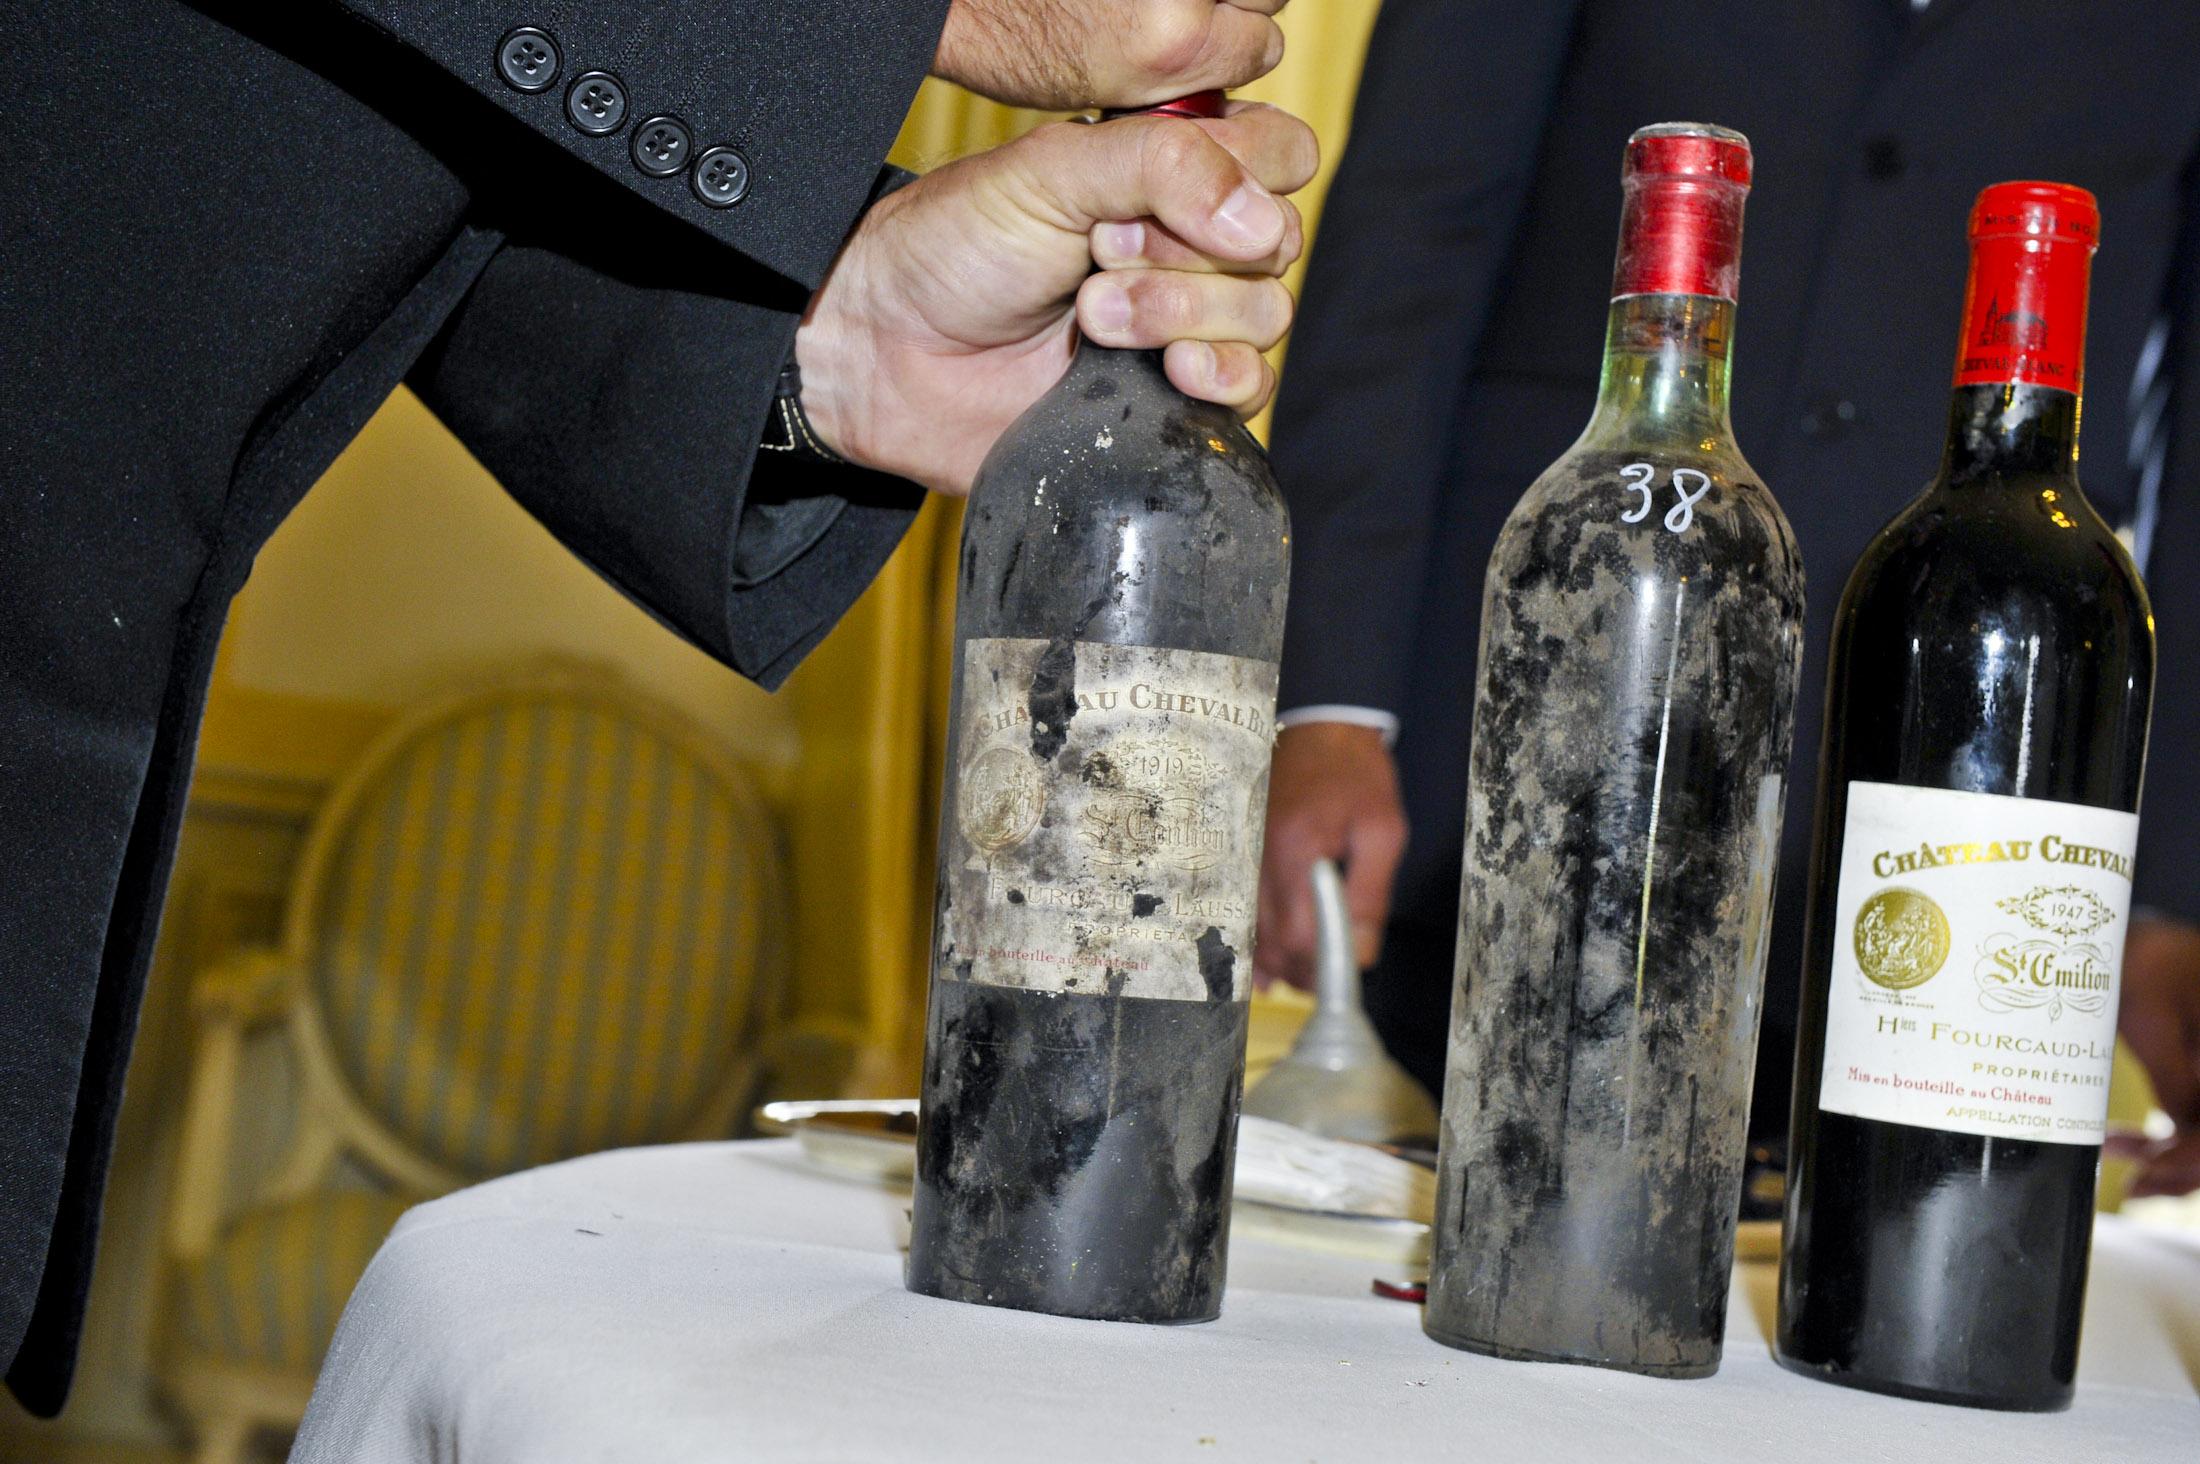 Chateau Cheval Blanc, degustation historique_Saint-Emilion, le 14 mai 2011